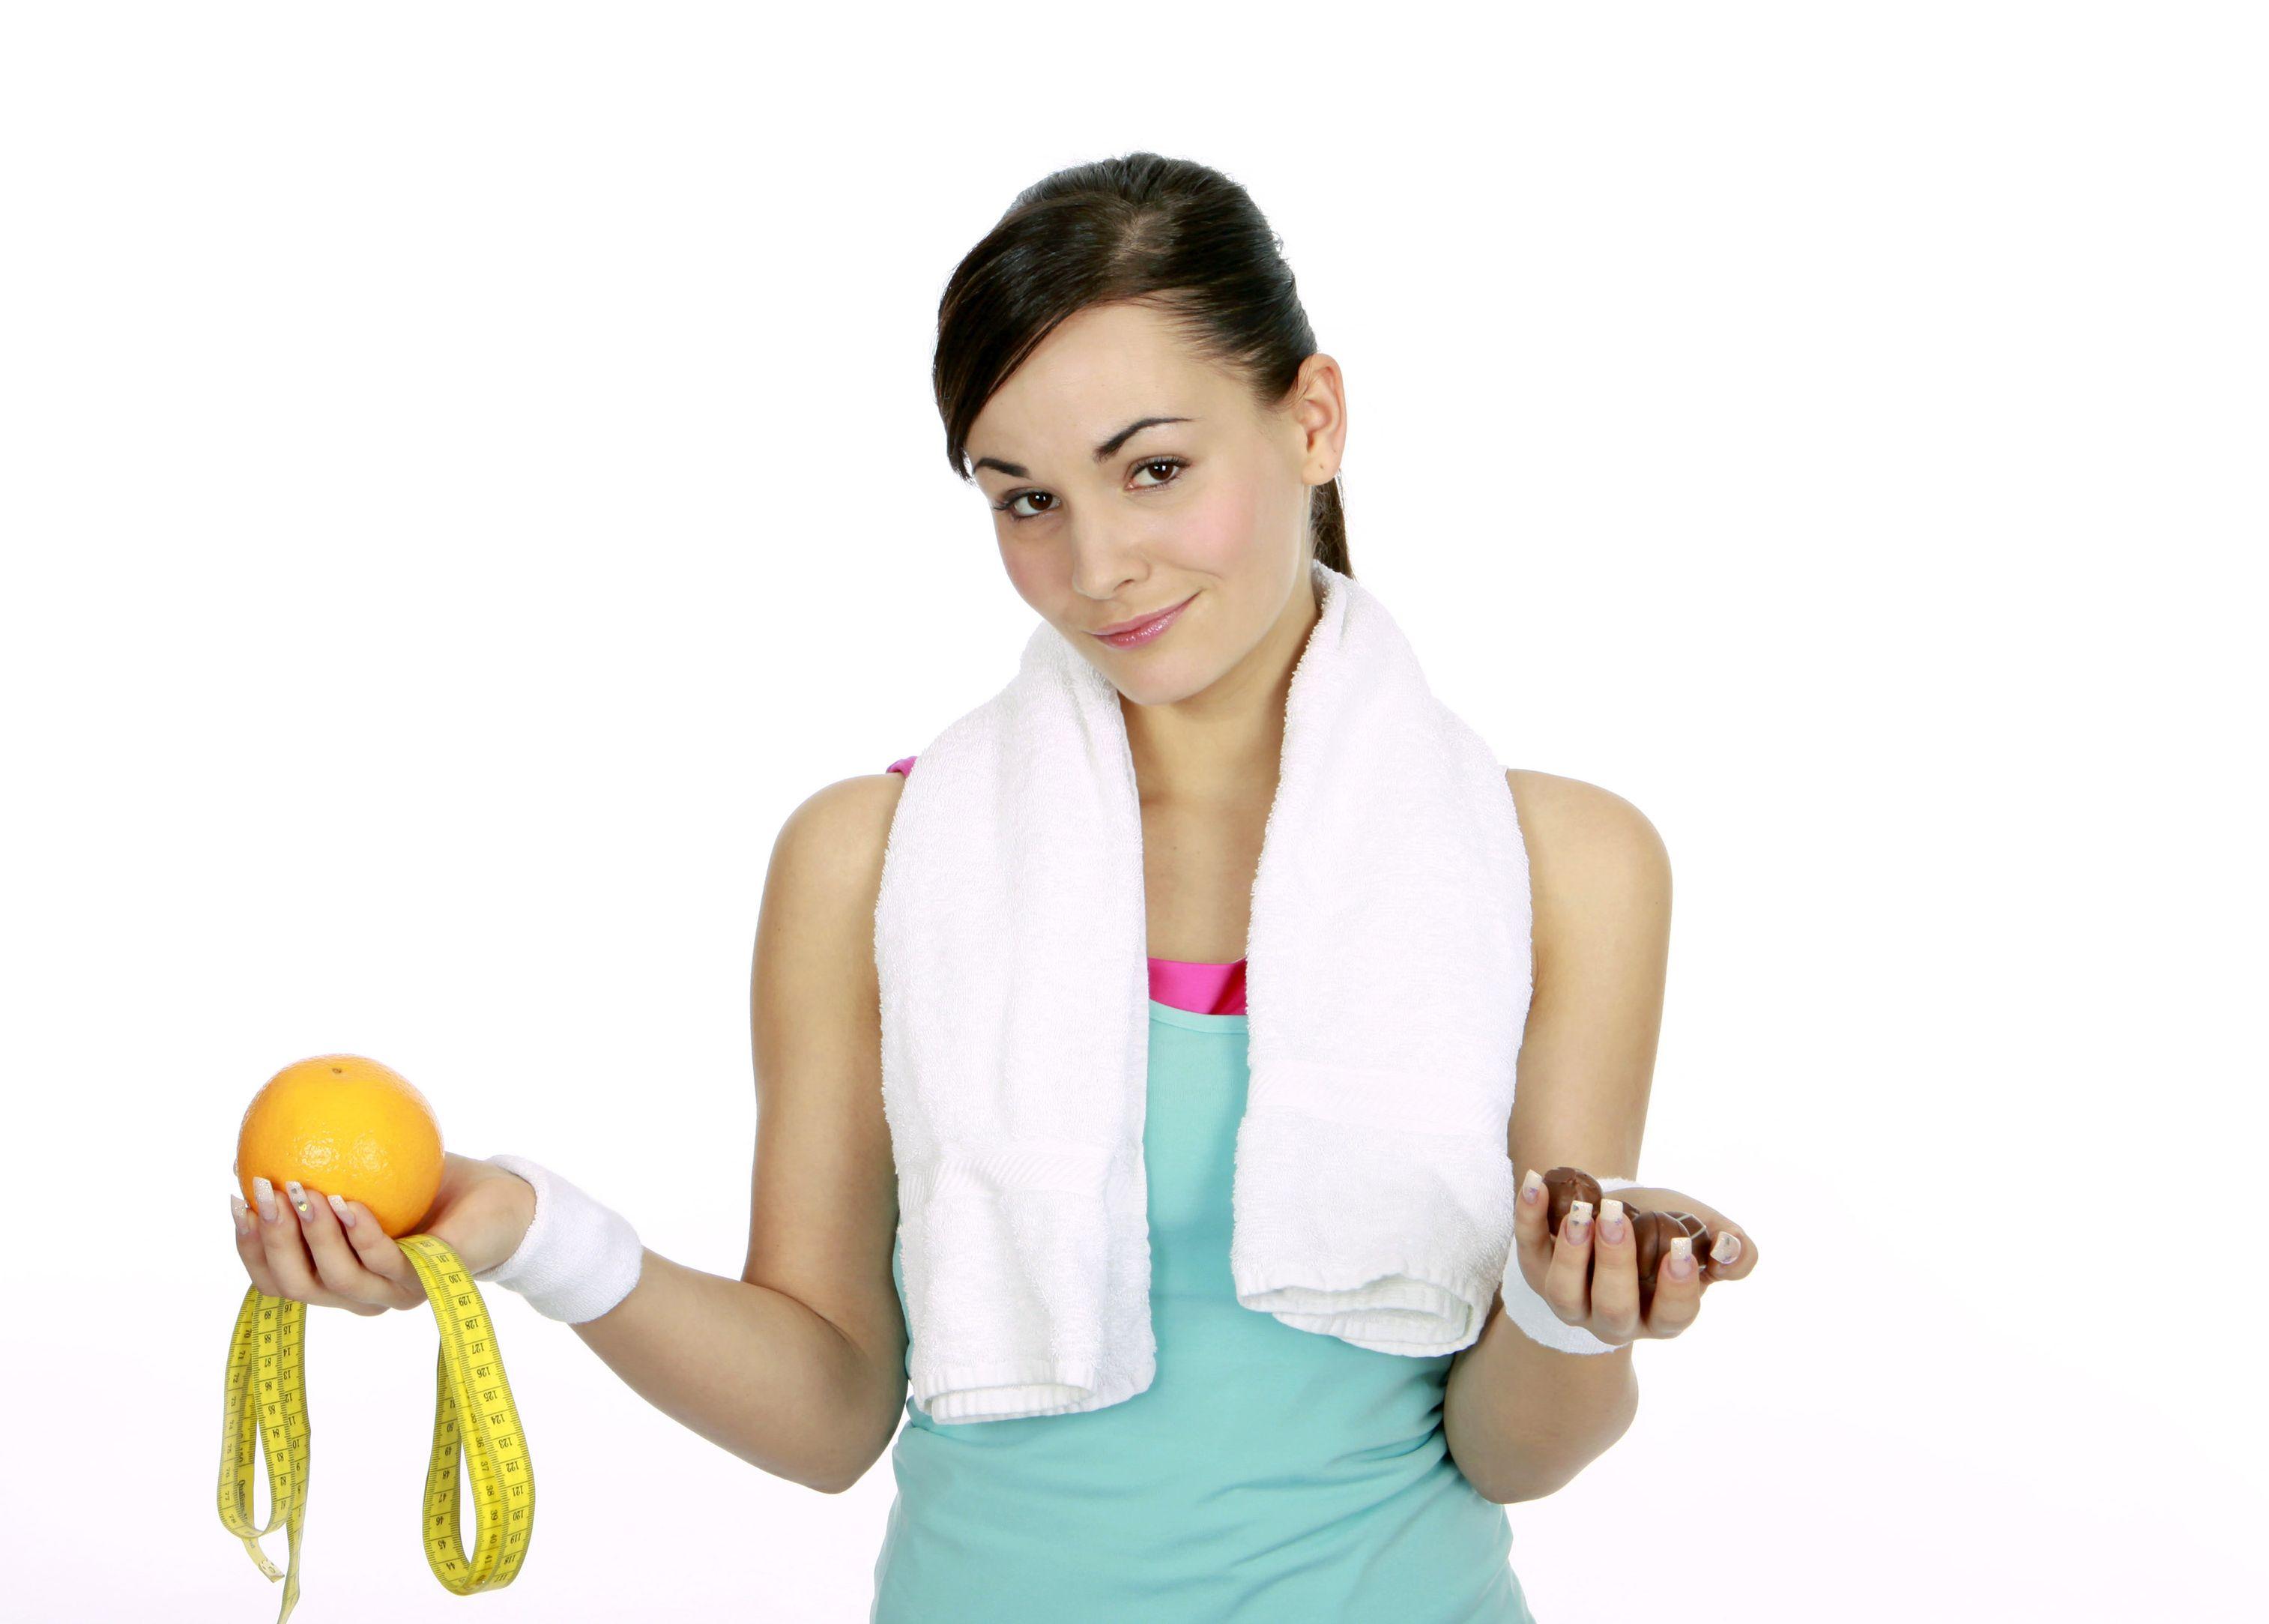 hidroxiclorochina pentru pierderea în greutate cel mai bun arzător de grăsimi non jittery